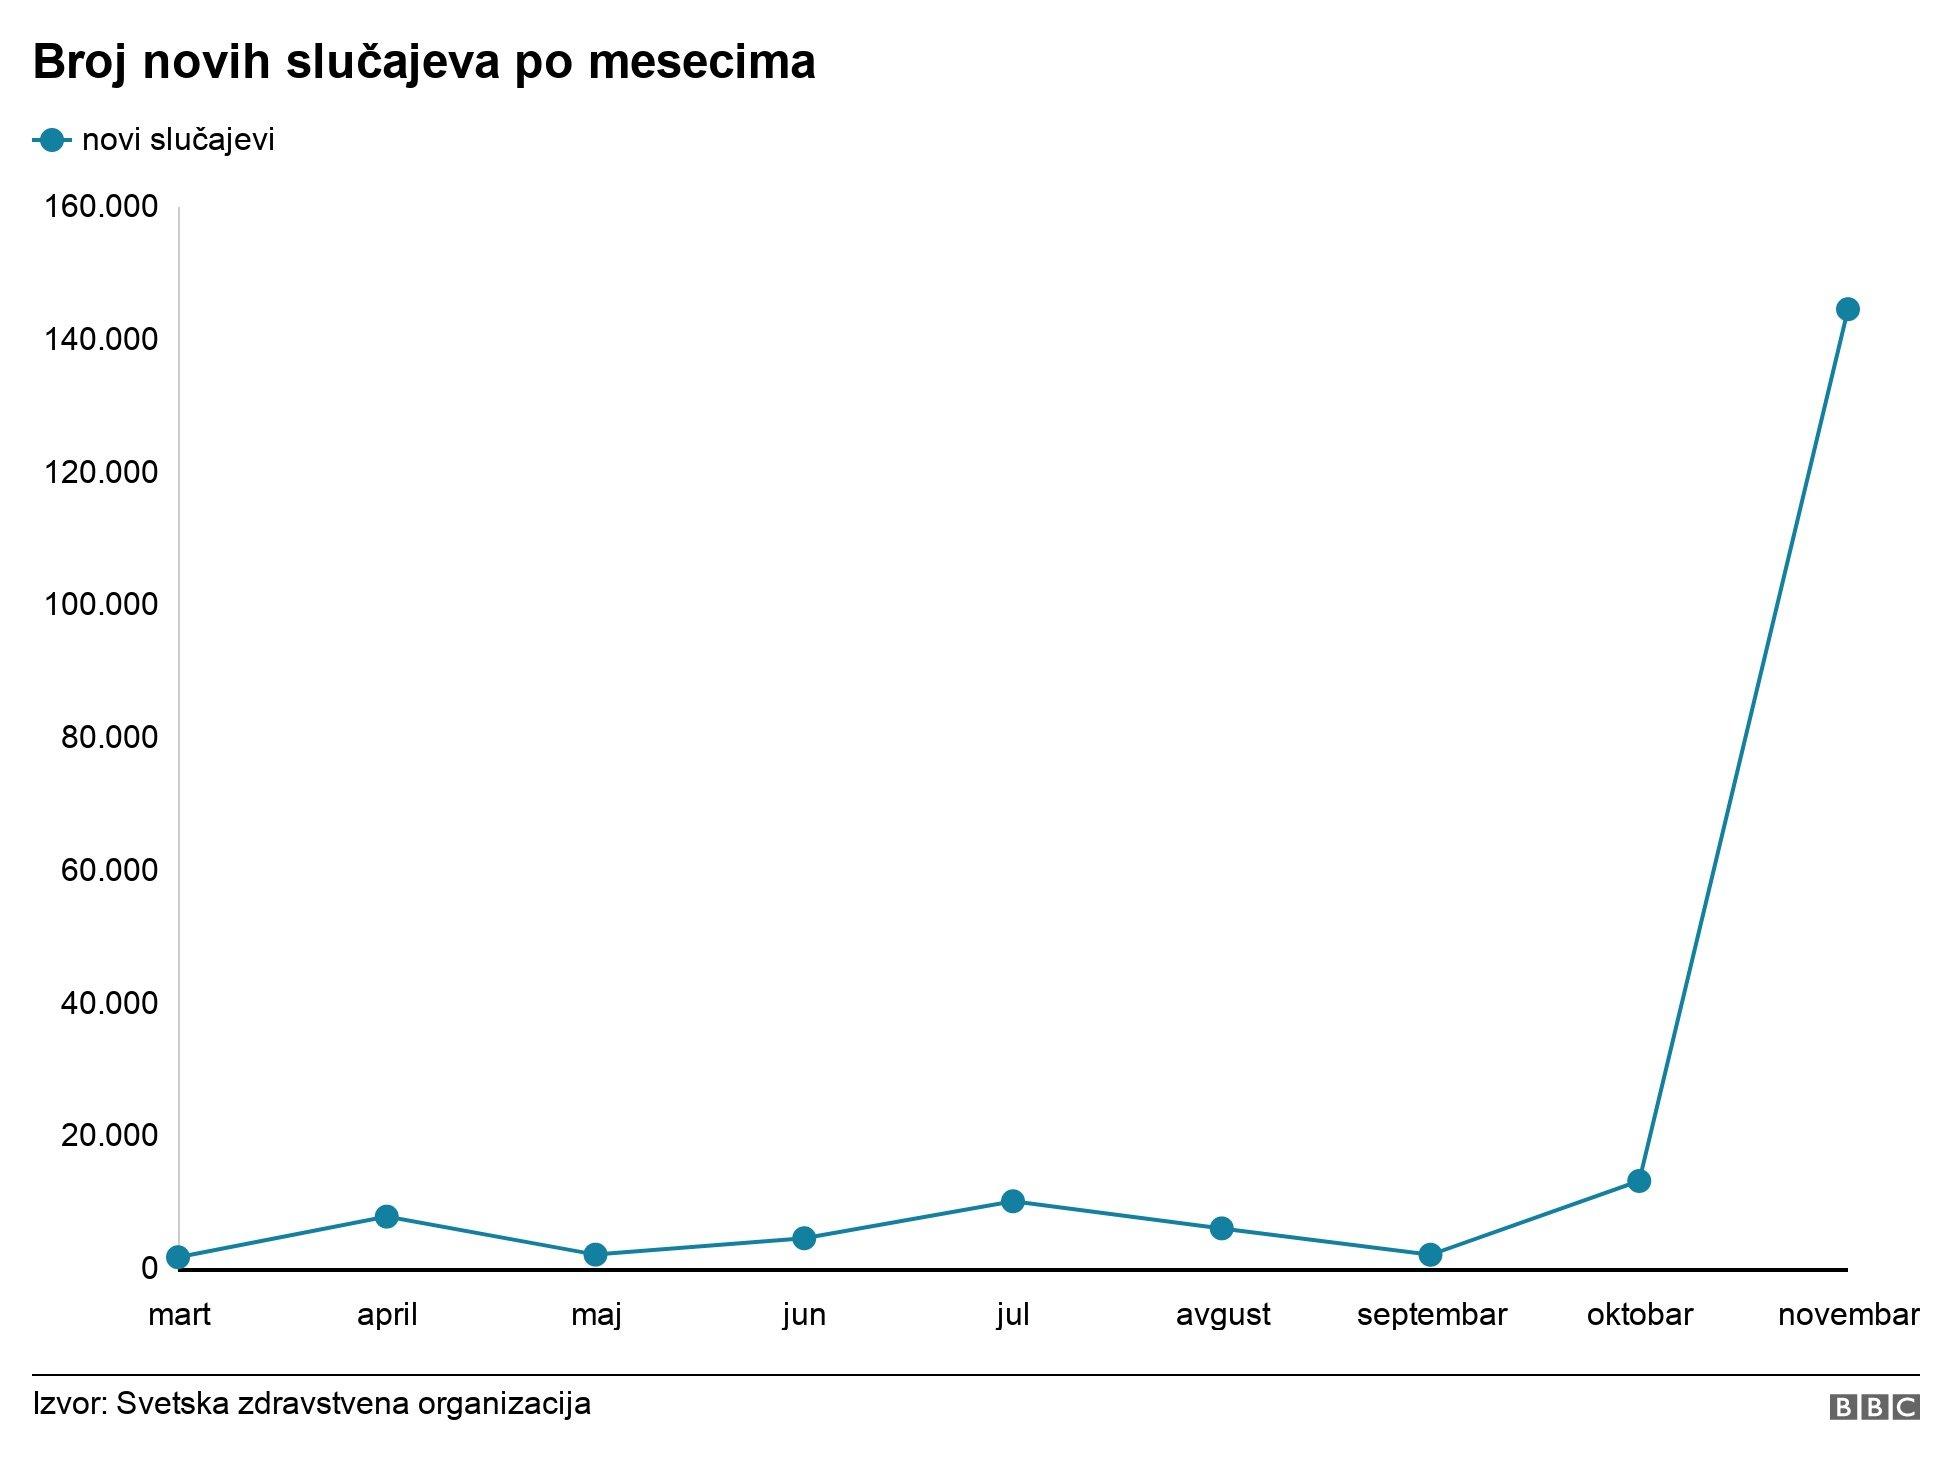 slučajevi u srbiji po mesecima grafika